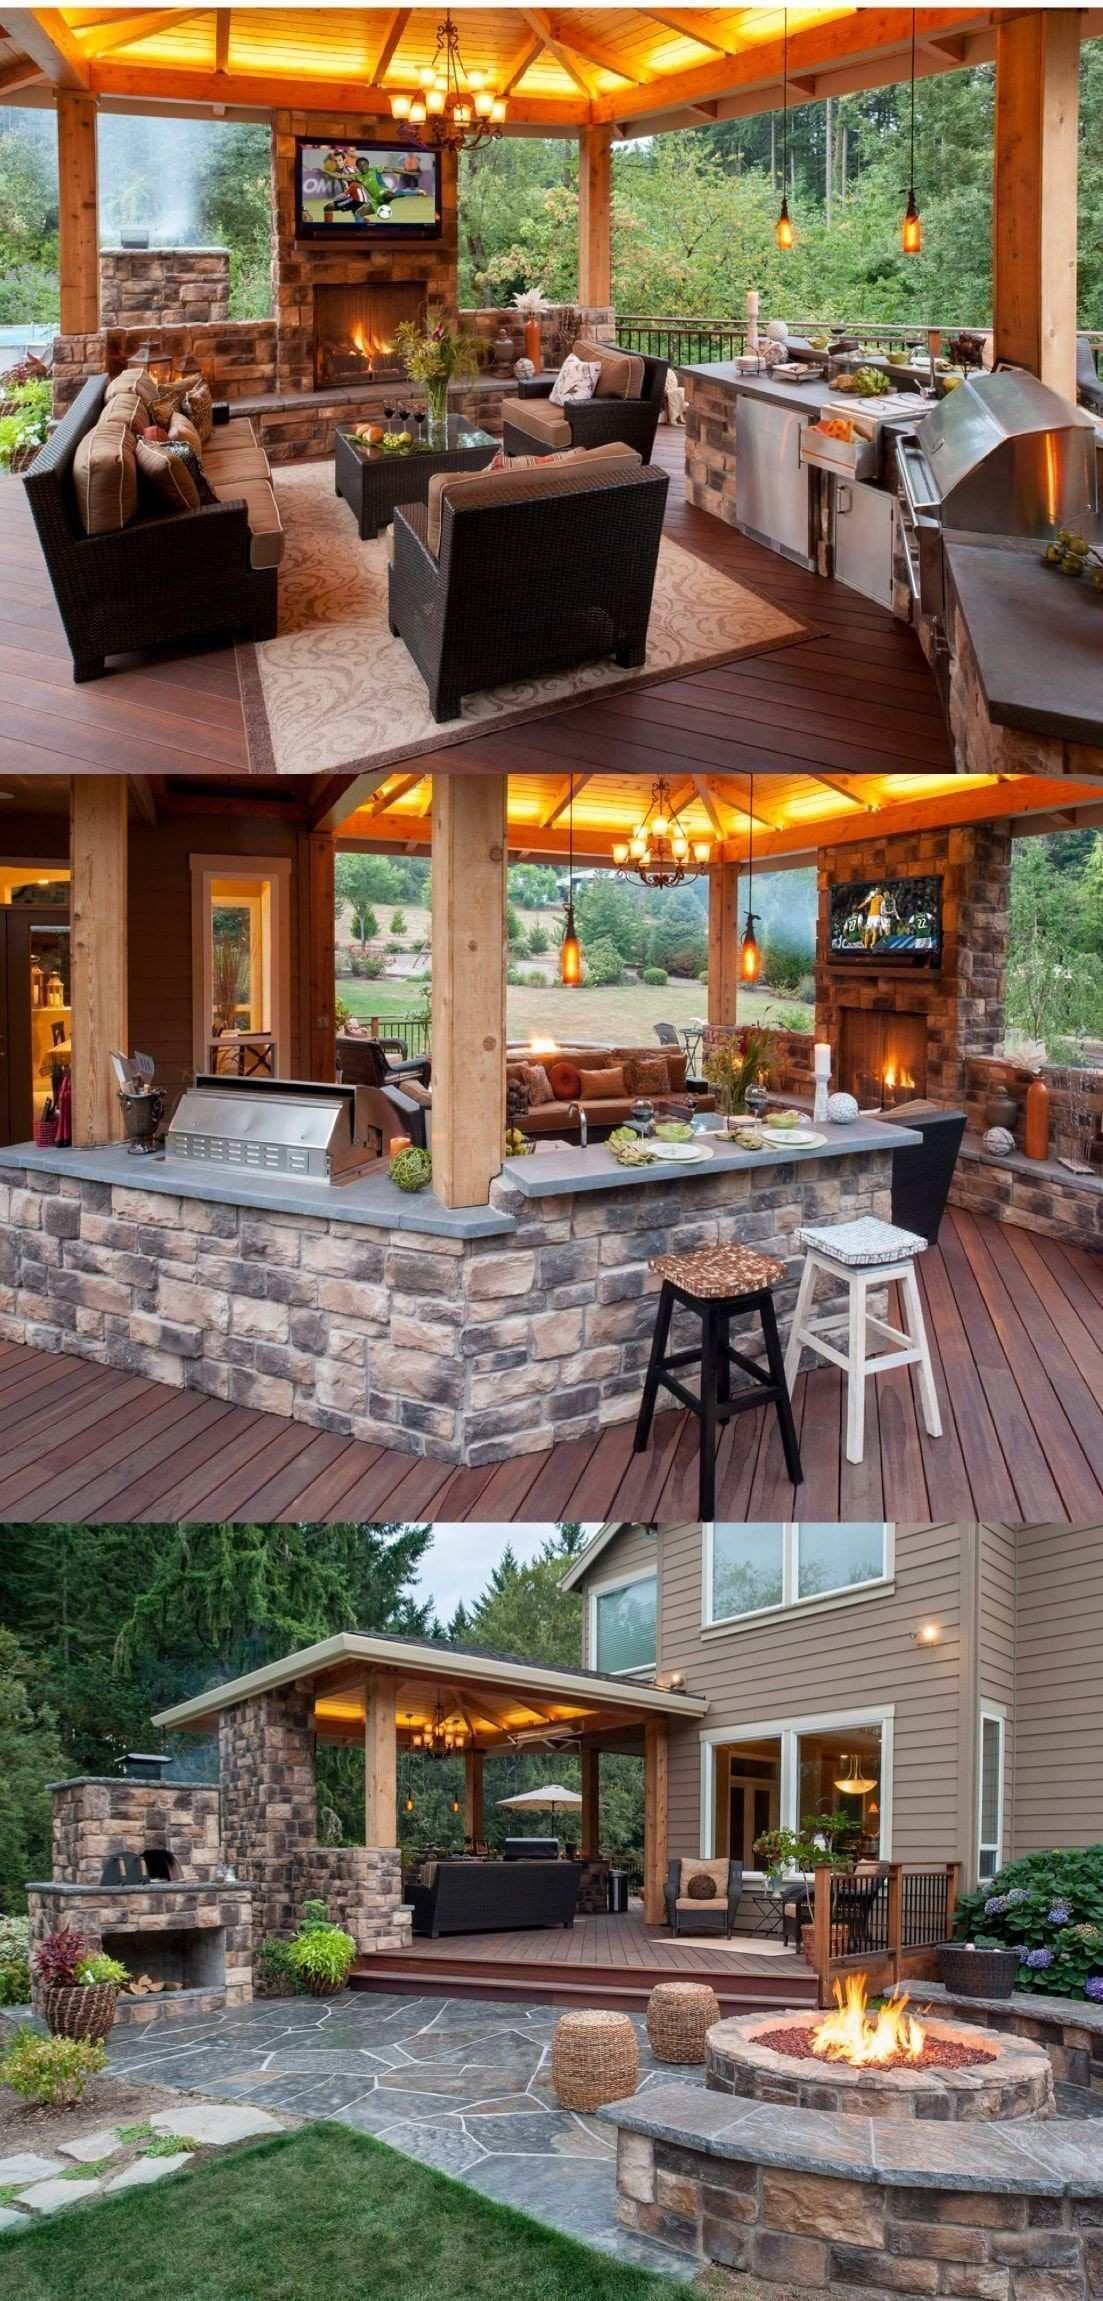 Breathtaking Backyard Bar And Grill Ideas, The backyard ...